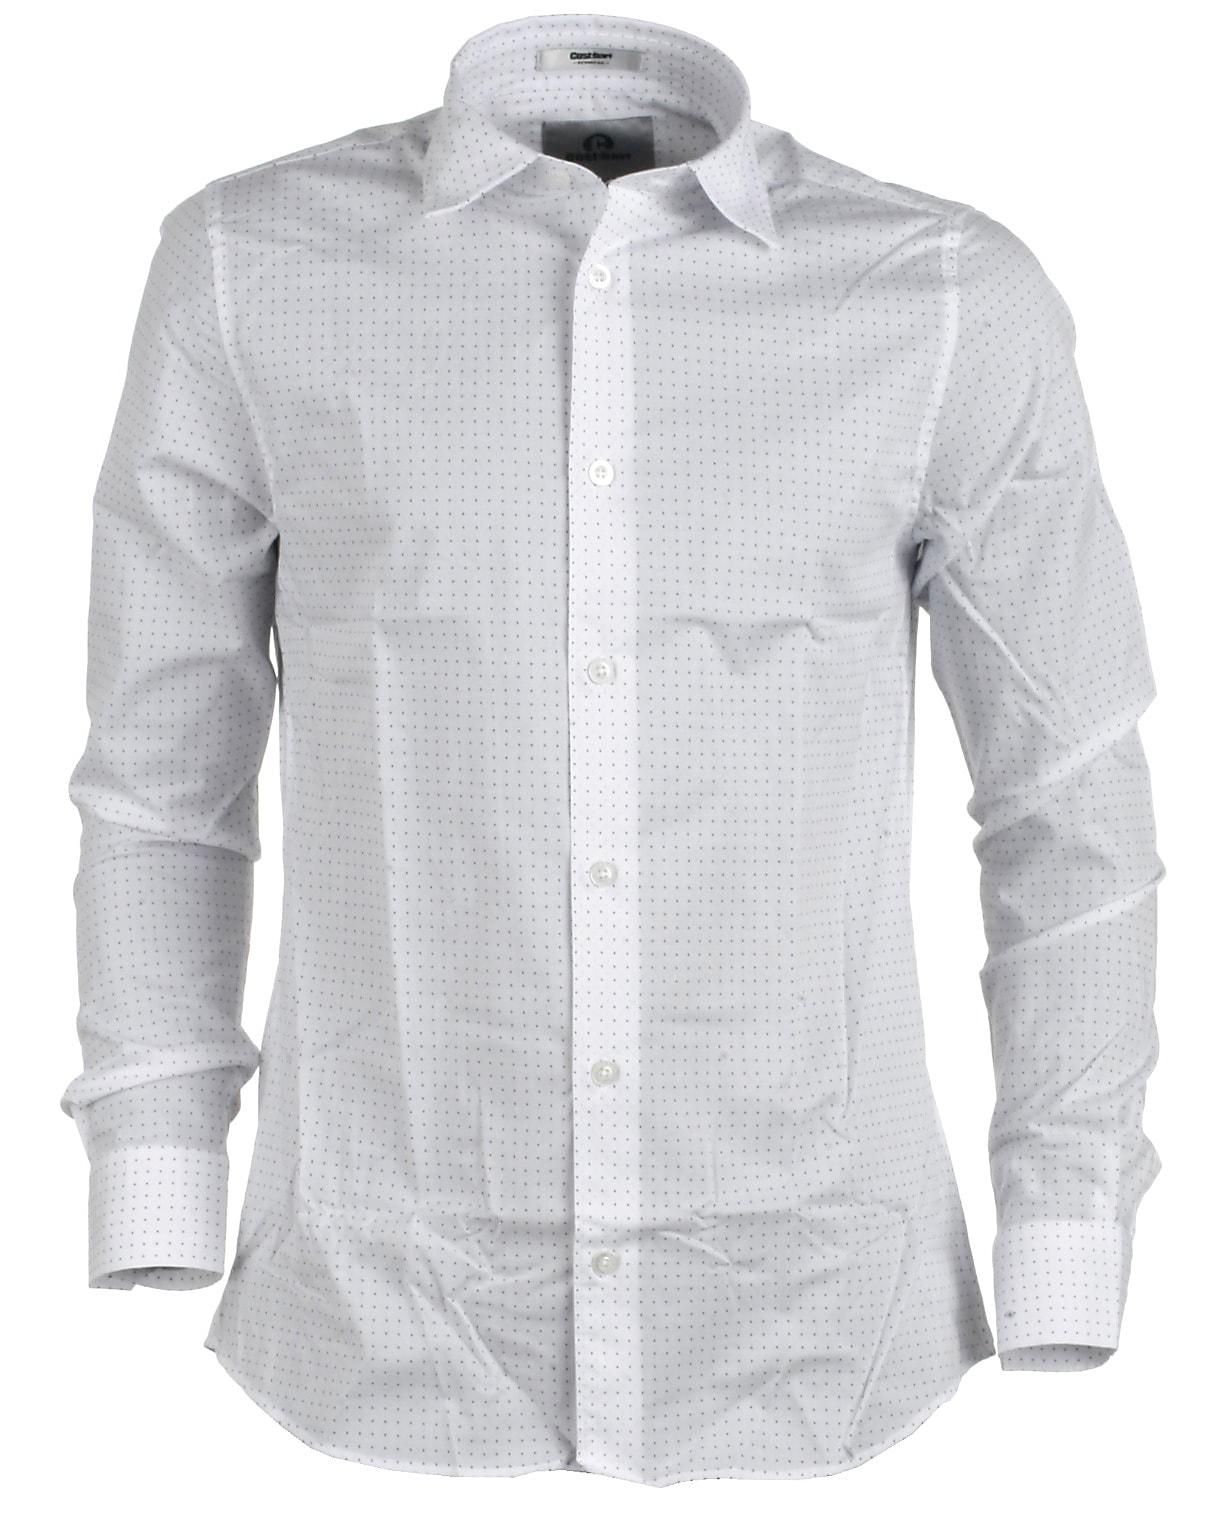 9671f4e1b7a Cost:bart skjorte, hvid/prik, Kordell - Shop online mode her!